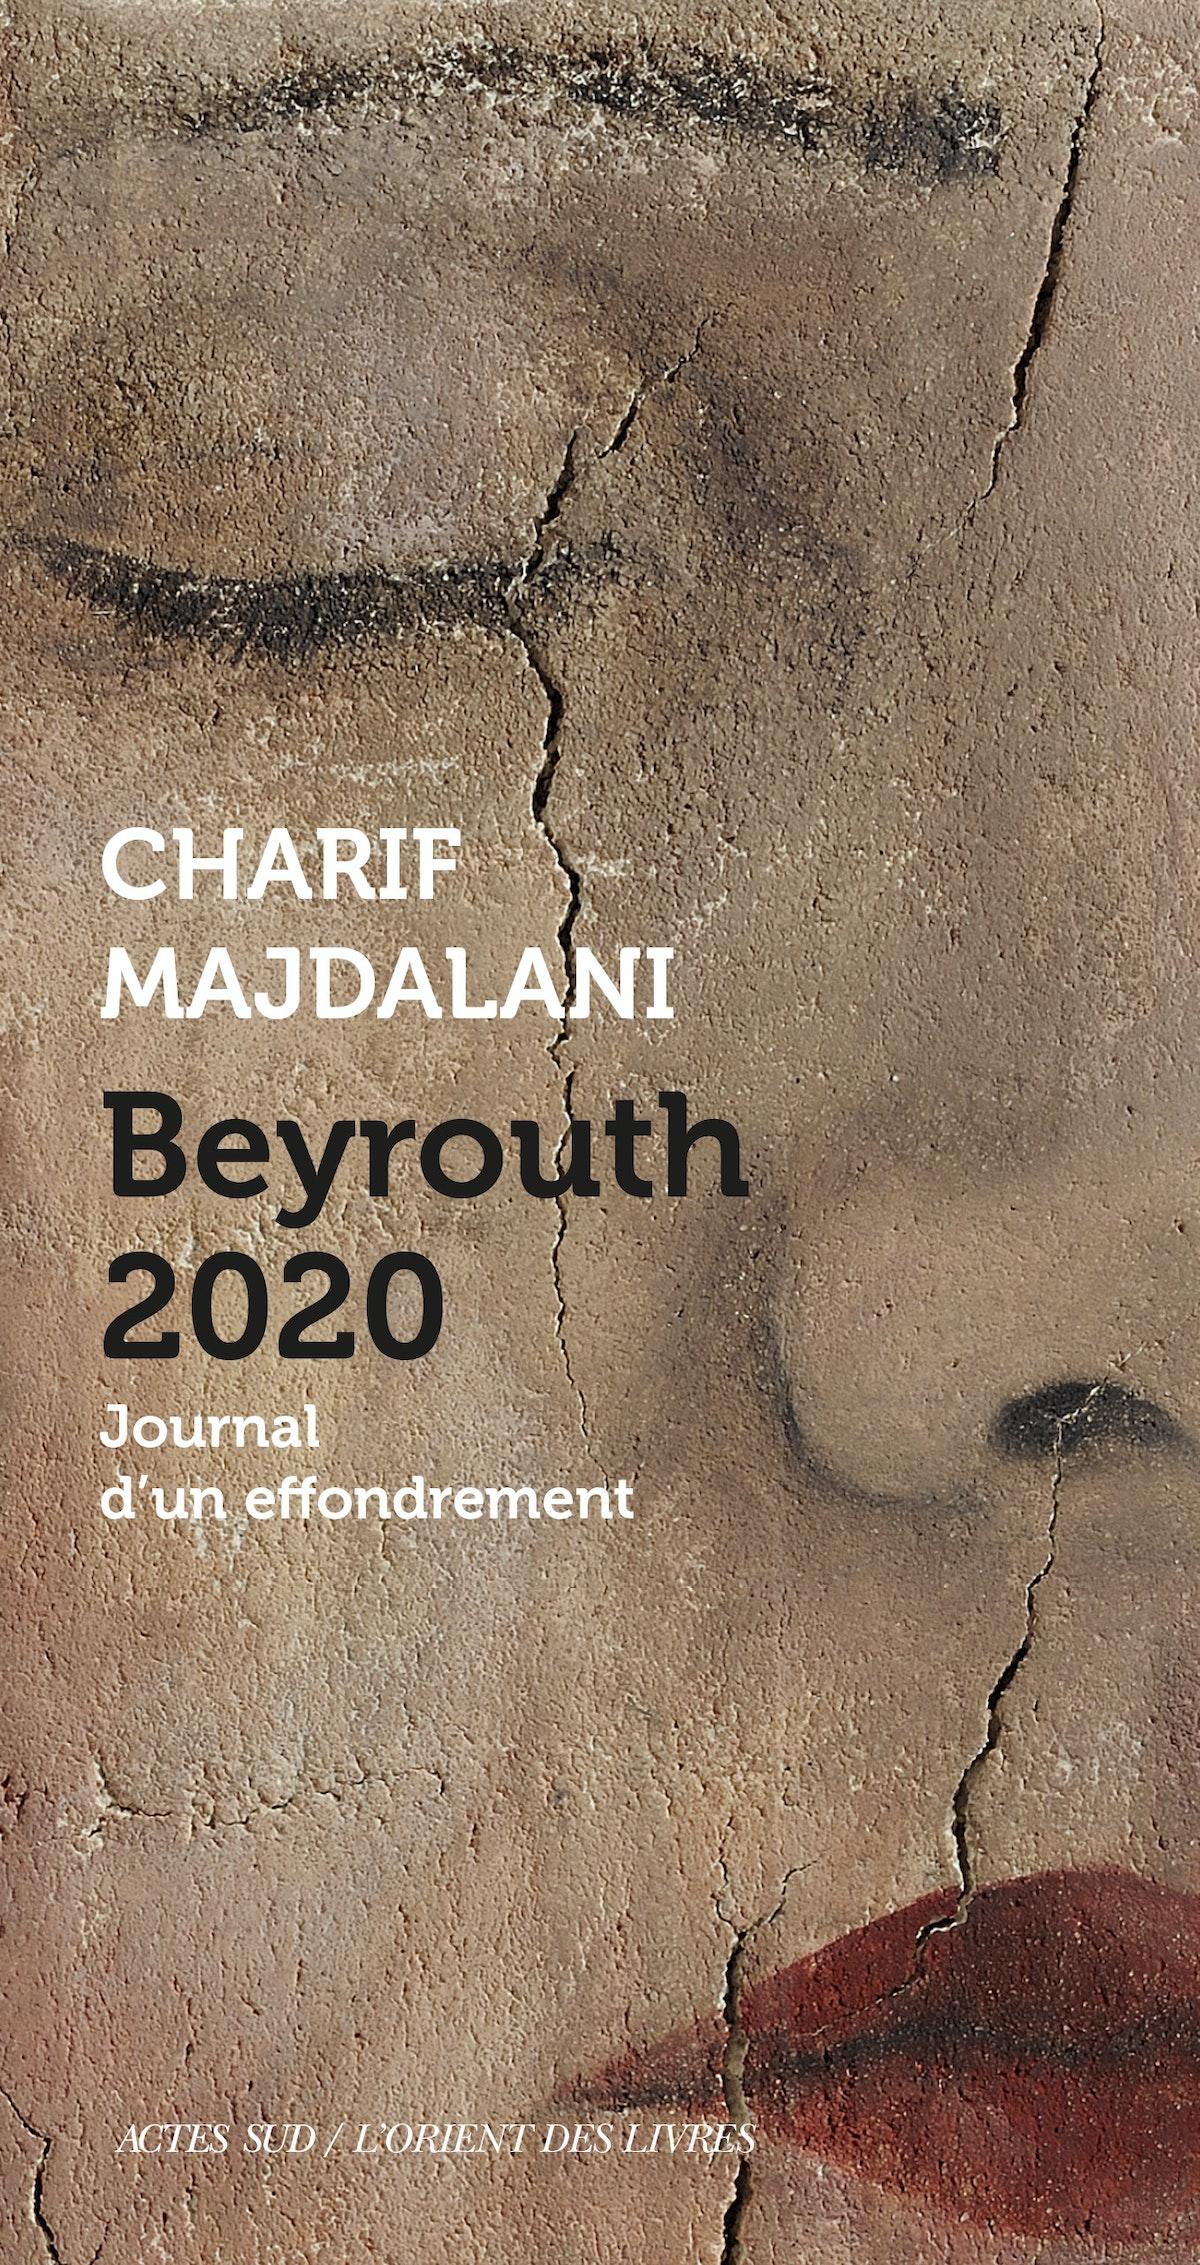 """غلاف رواية """"بيروت 2020"""" - الشرق"""